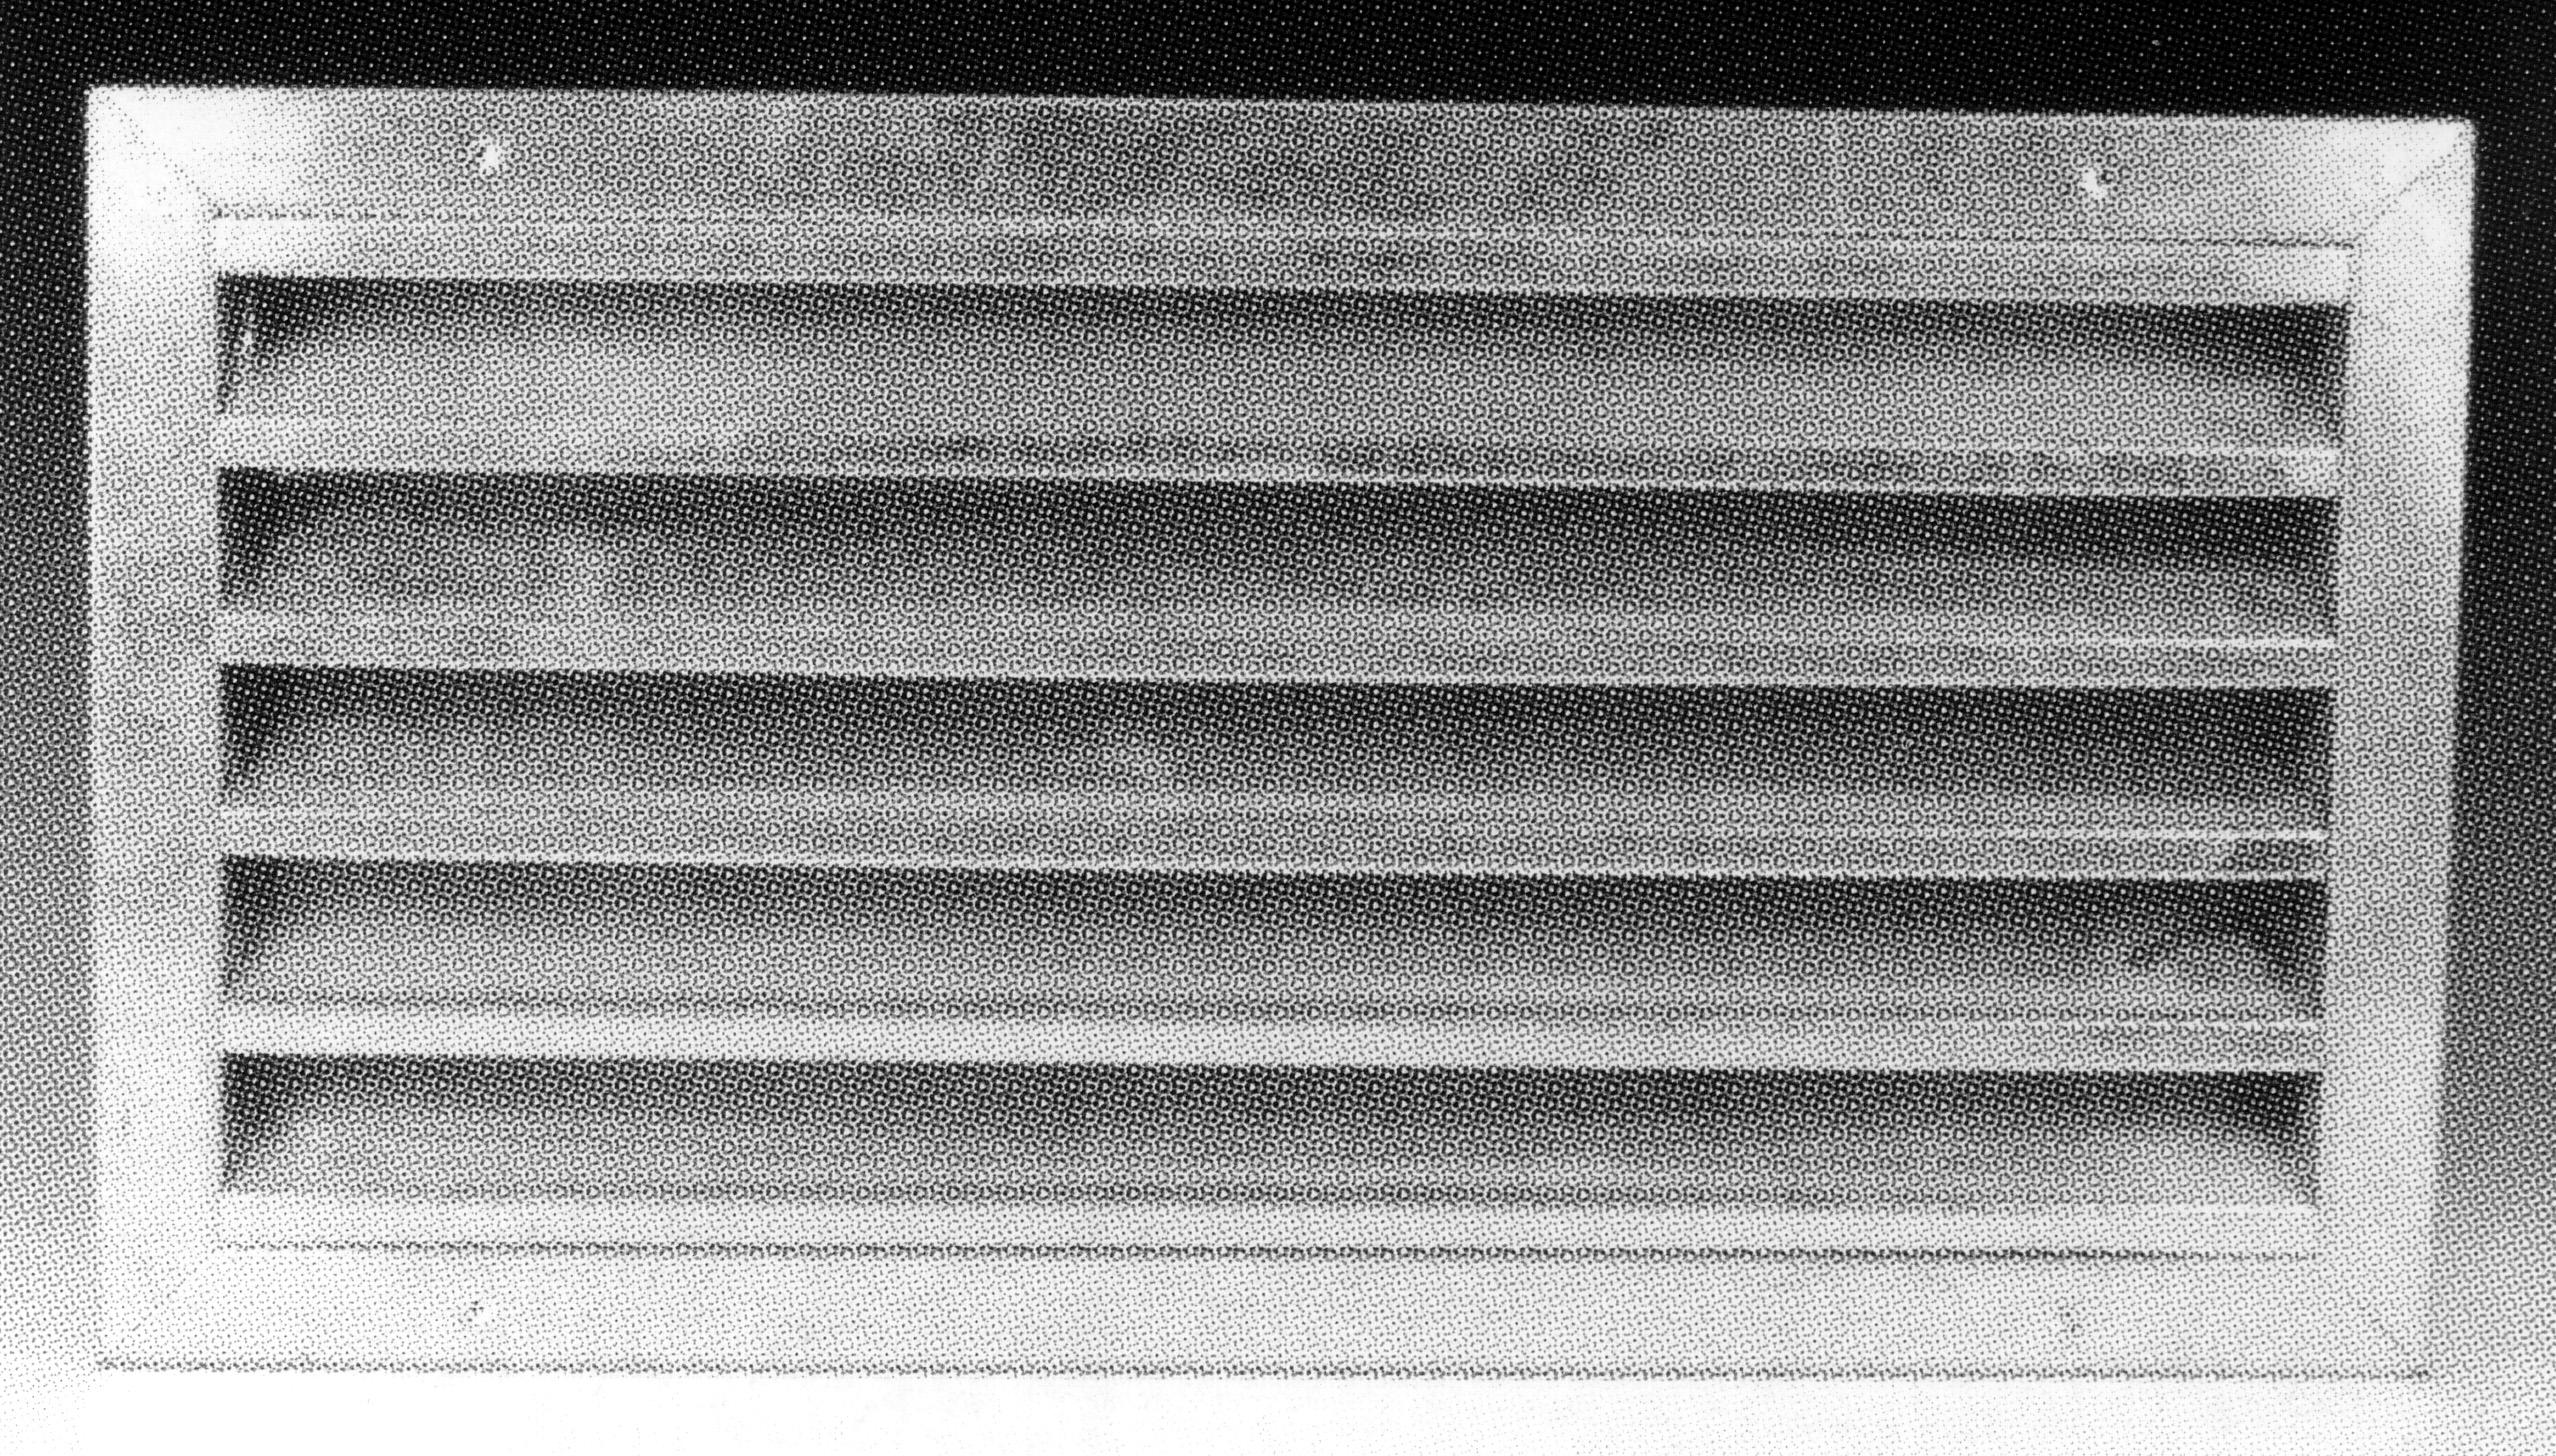 Griglia presa aria esterna in acciaio zincato con rete passo 50 dimensione 1000x1400 mm